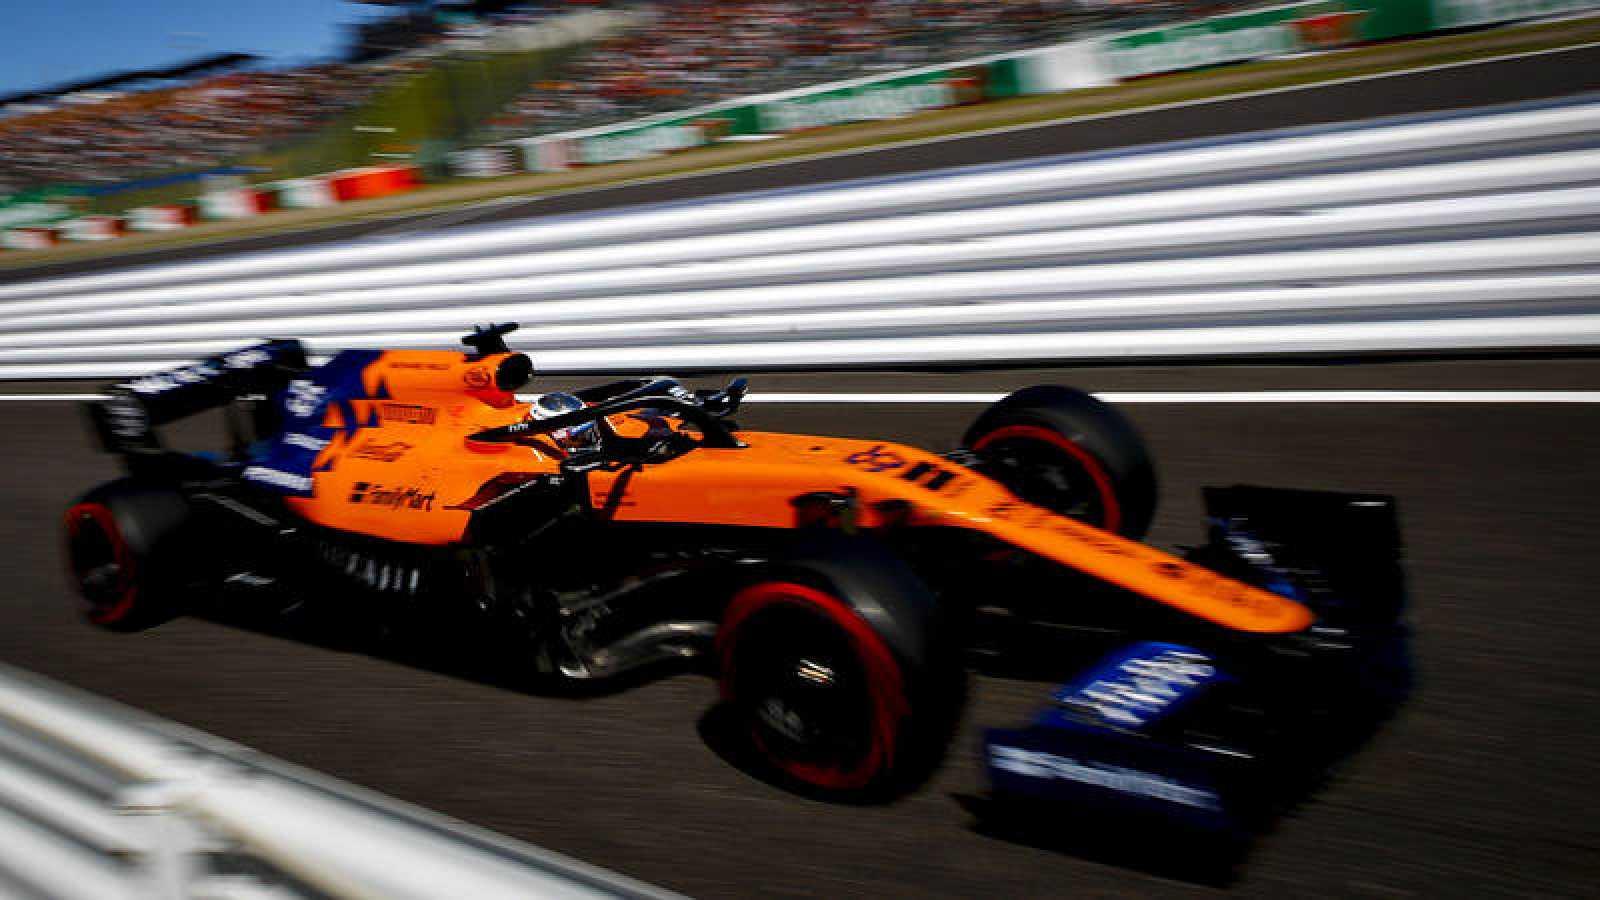 Carlos Sainz entrando en boxes en Suzuka